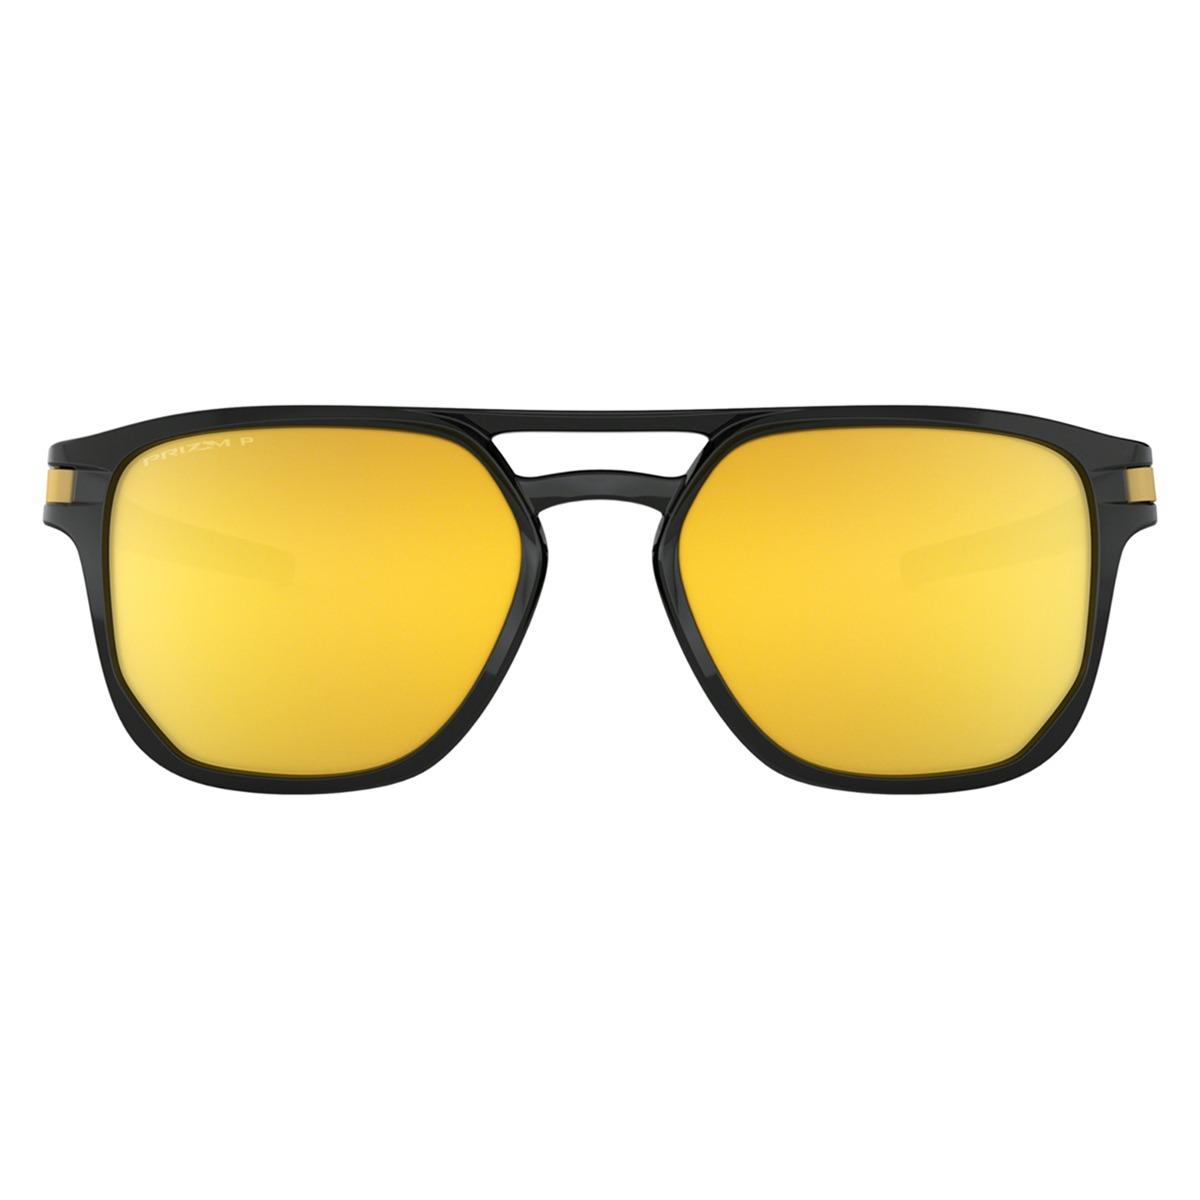 a15b75362e2dd Óculos Oakley Latch Beta Prizm Preto - R  680,00 em Mercado Livre